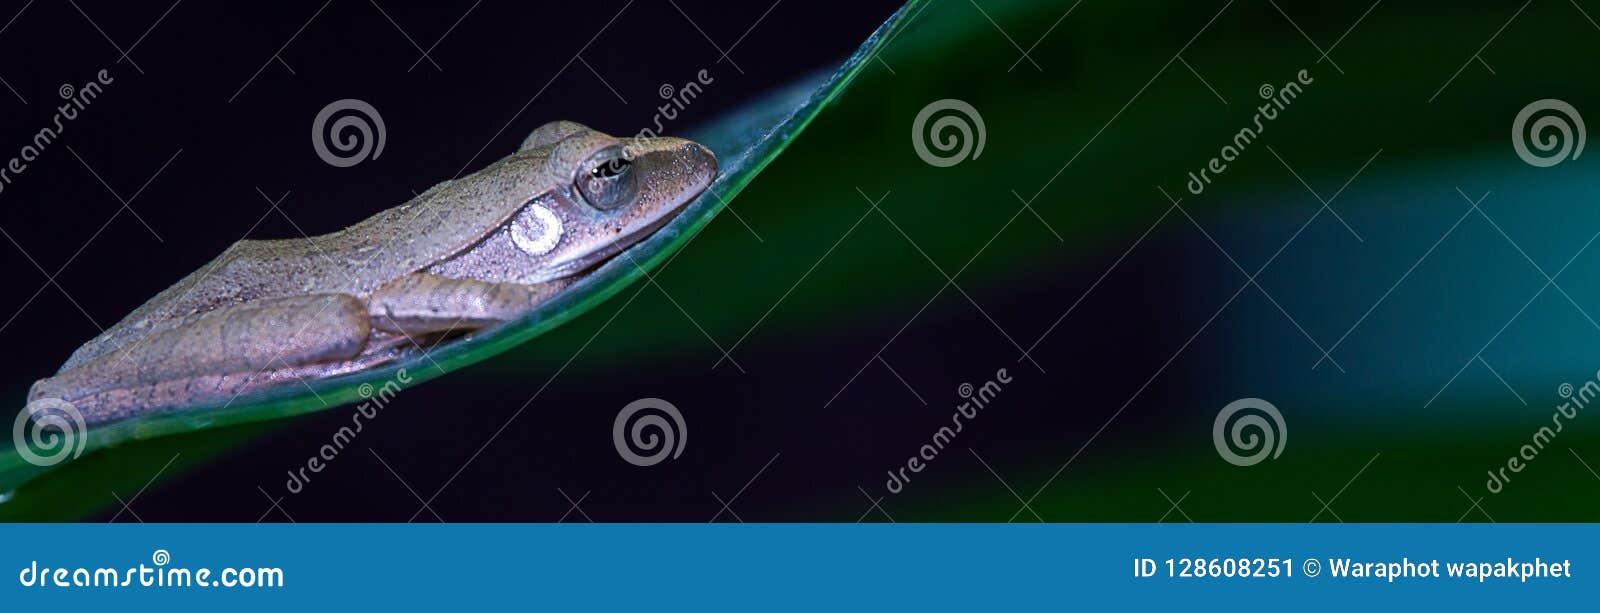 υπόβαθρο εμβλημάτων, βάτραχος στο φύλλο